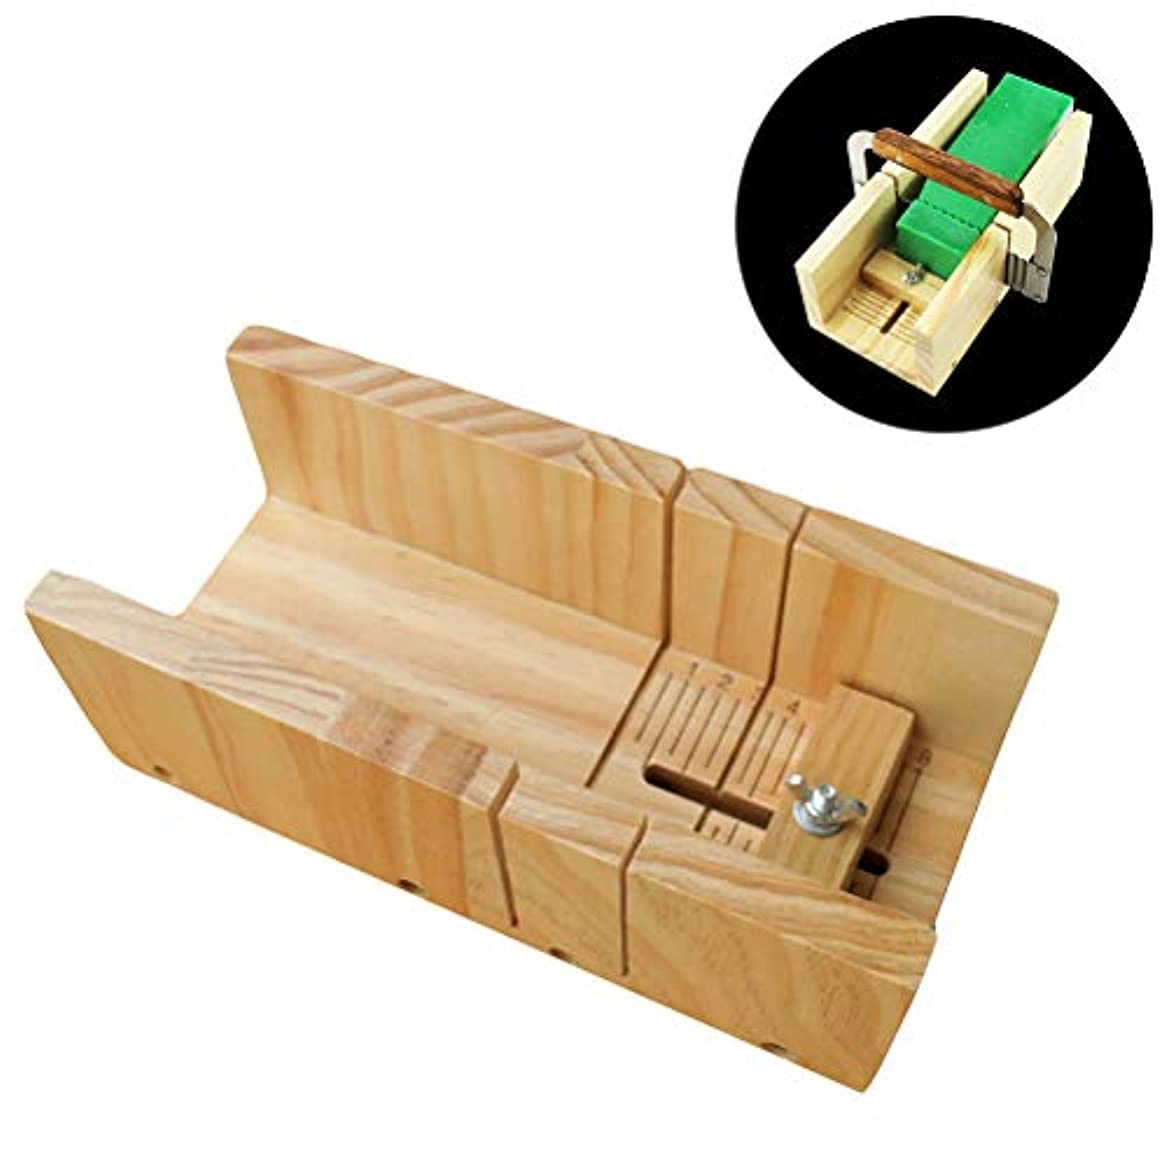 ブロッサムキャッシュフローティングHealifty 木製石鹸カッターモールド石鹸ロープモールド調節可能なカッターモールドボックス石鹸ツールを作る